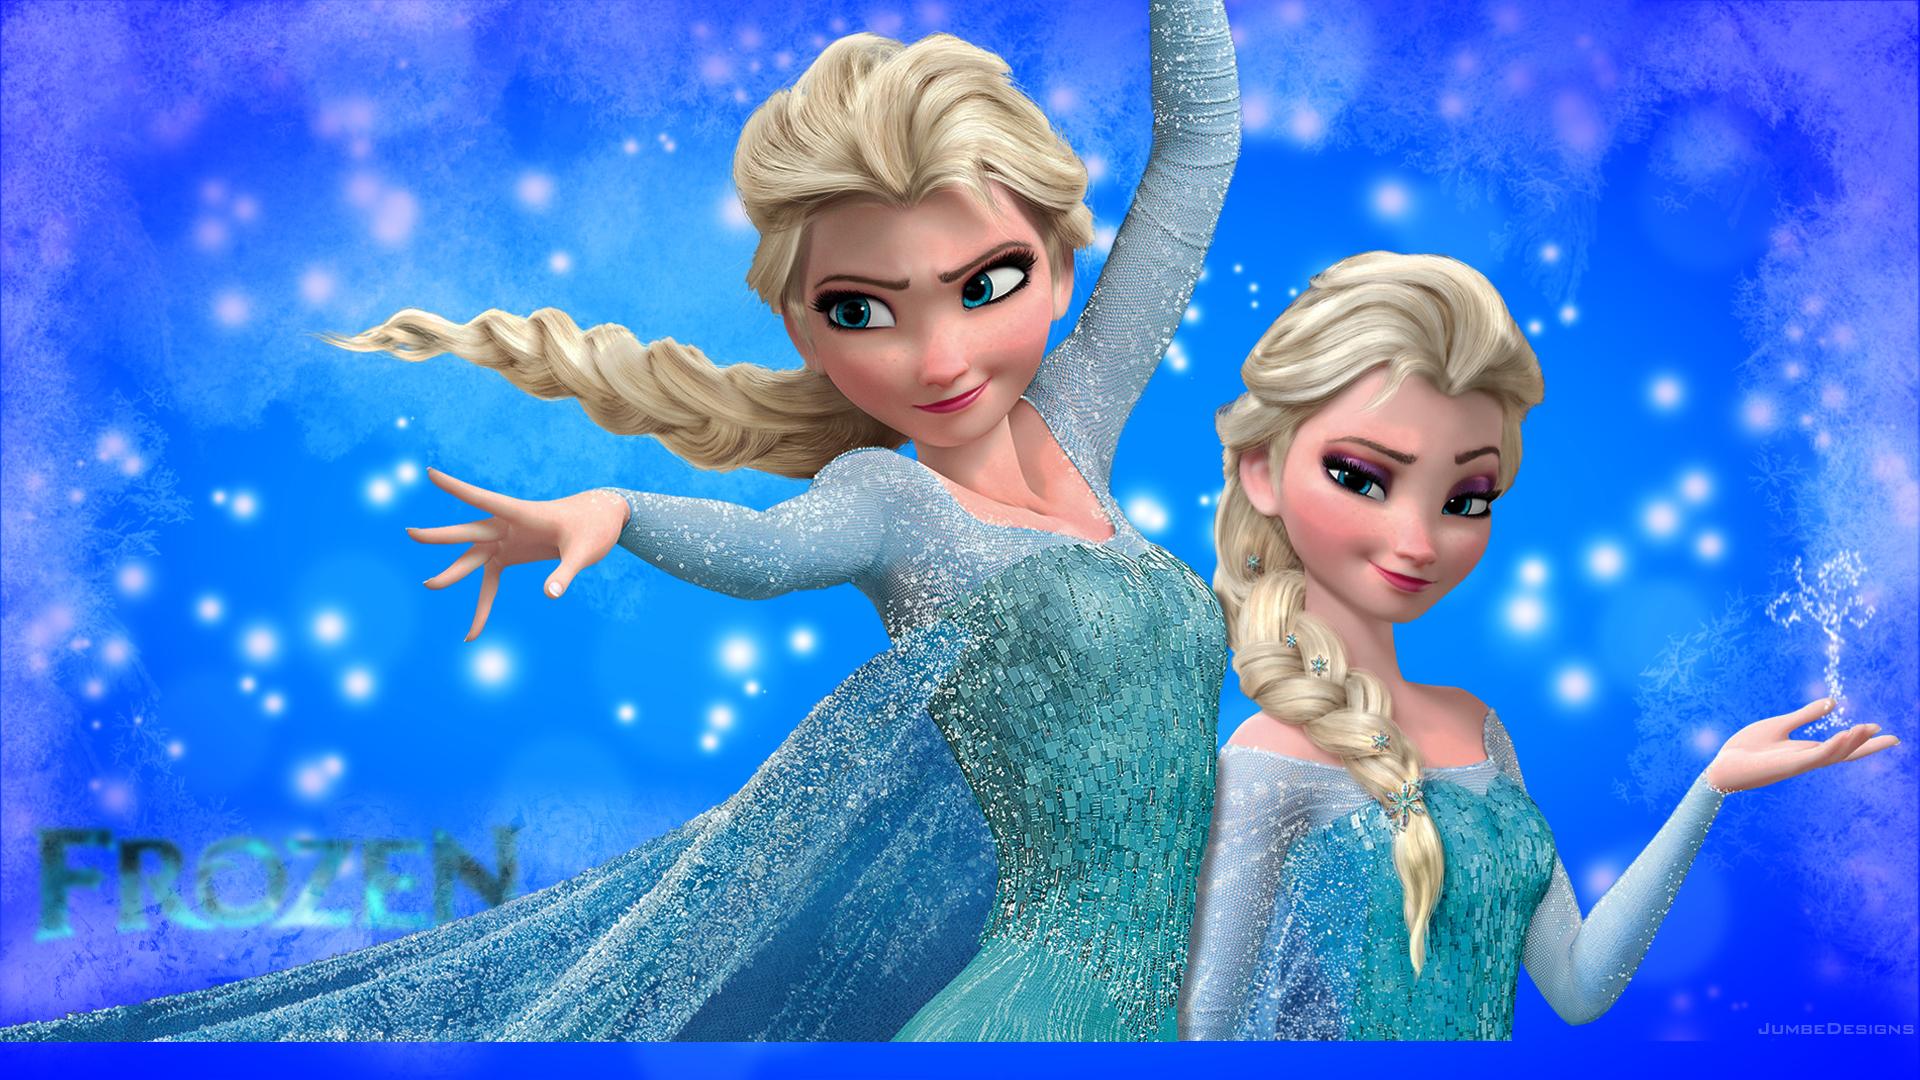 Elsa Images Elsa Wallpaper Hd Wallpaper And Background Photos 36759551